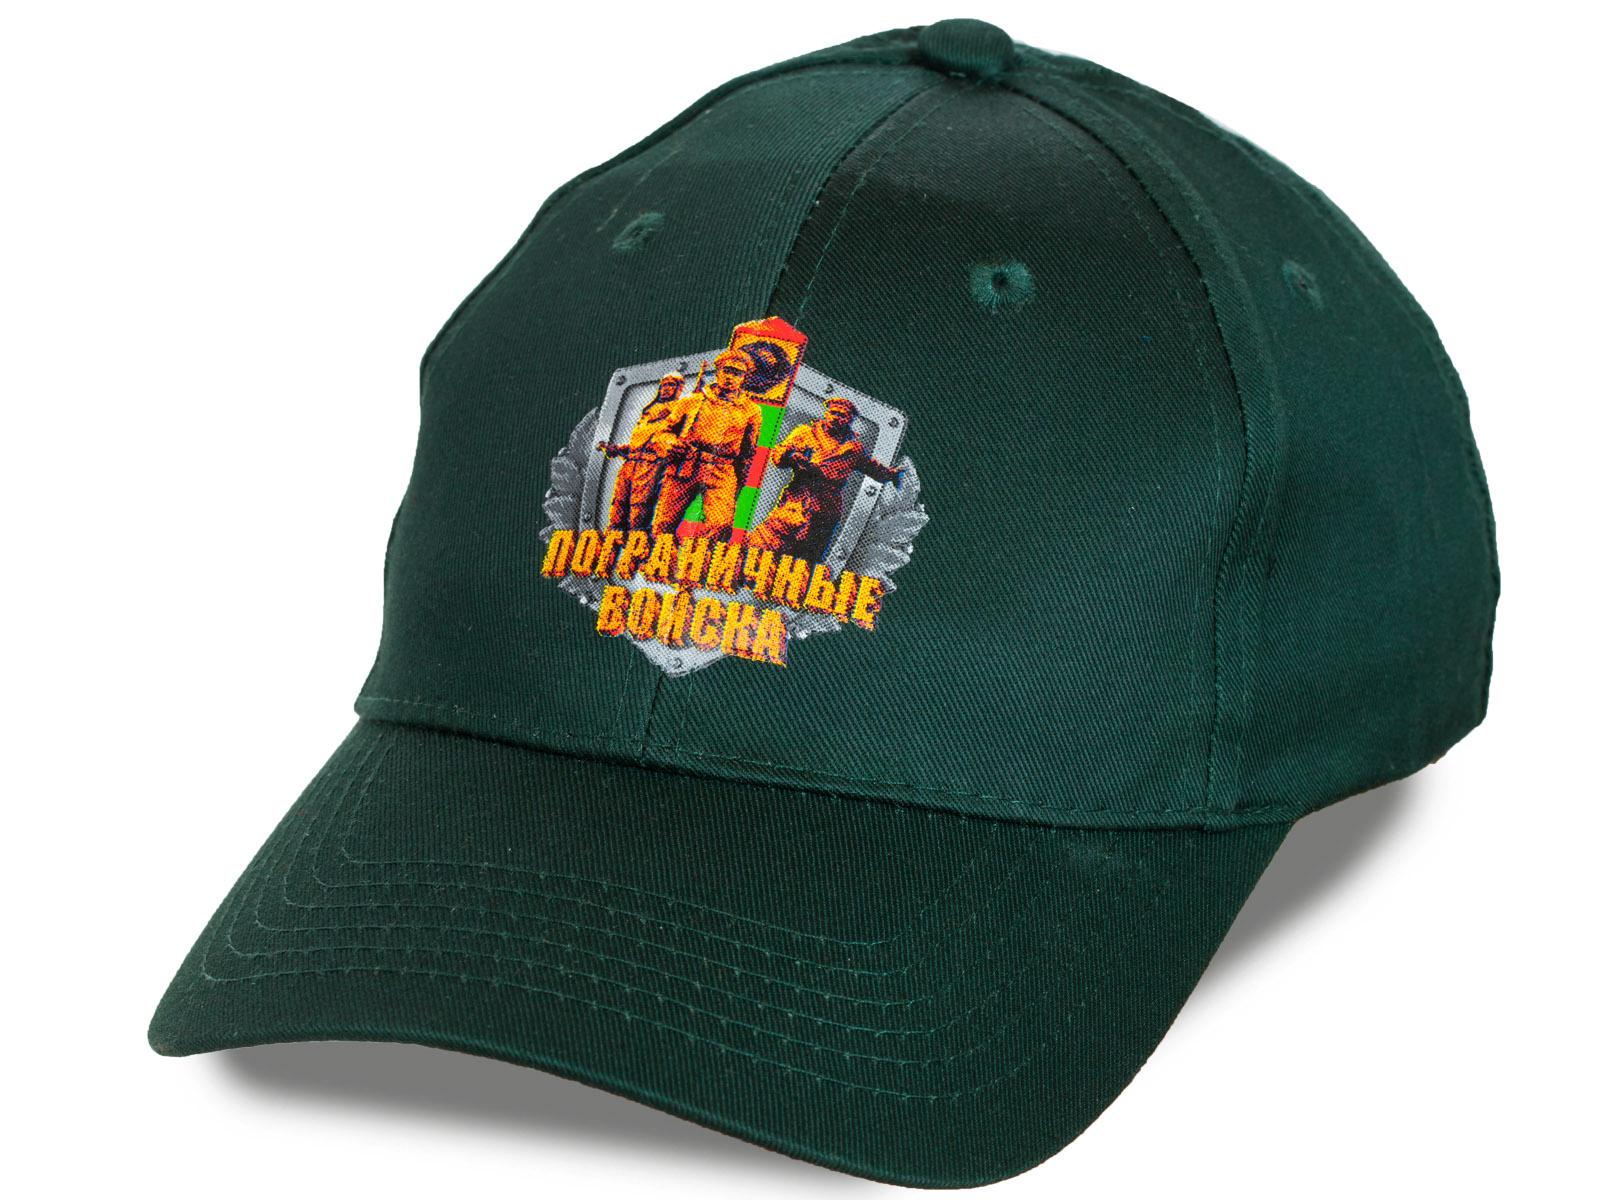 """Бейсболка зелёная """"Пограничные войска"""" - купить в подарок недорого"""